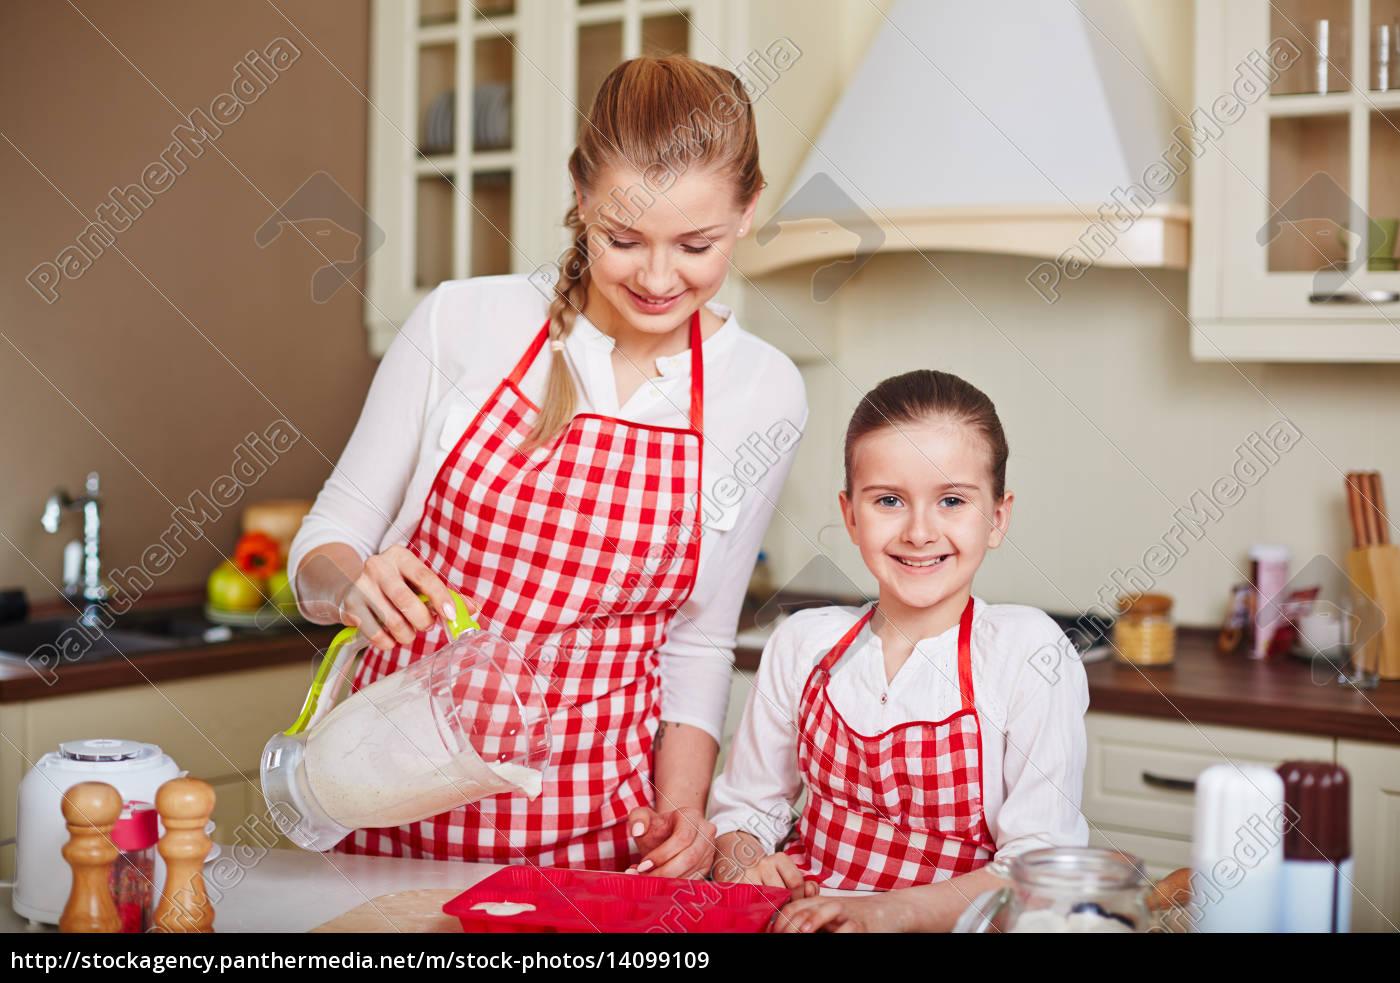 cooking, tarts - 14099109